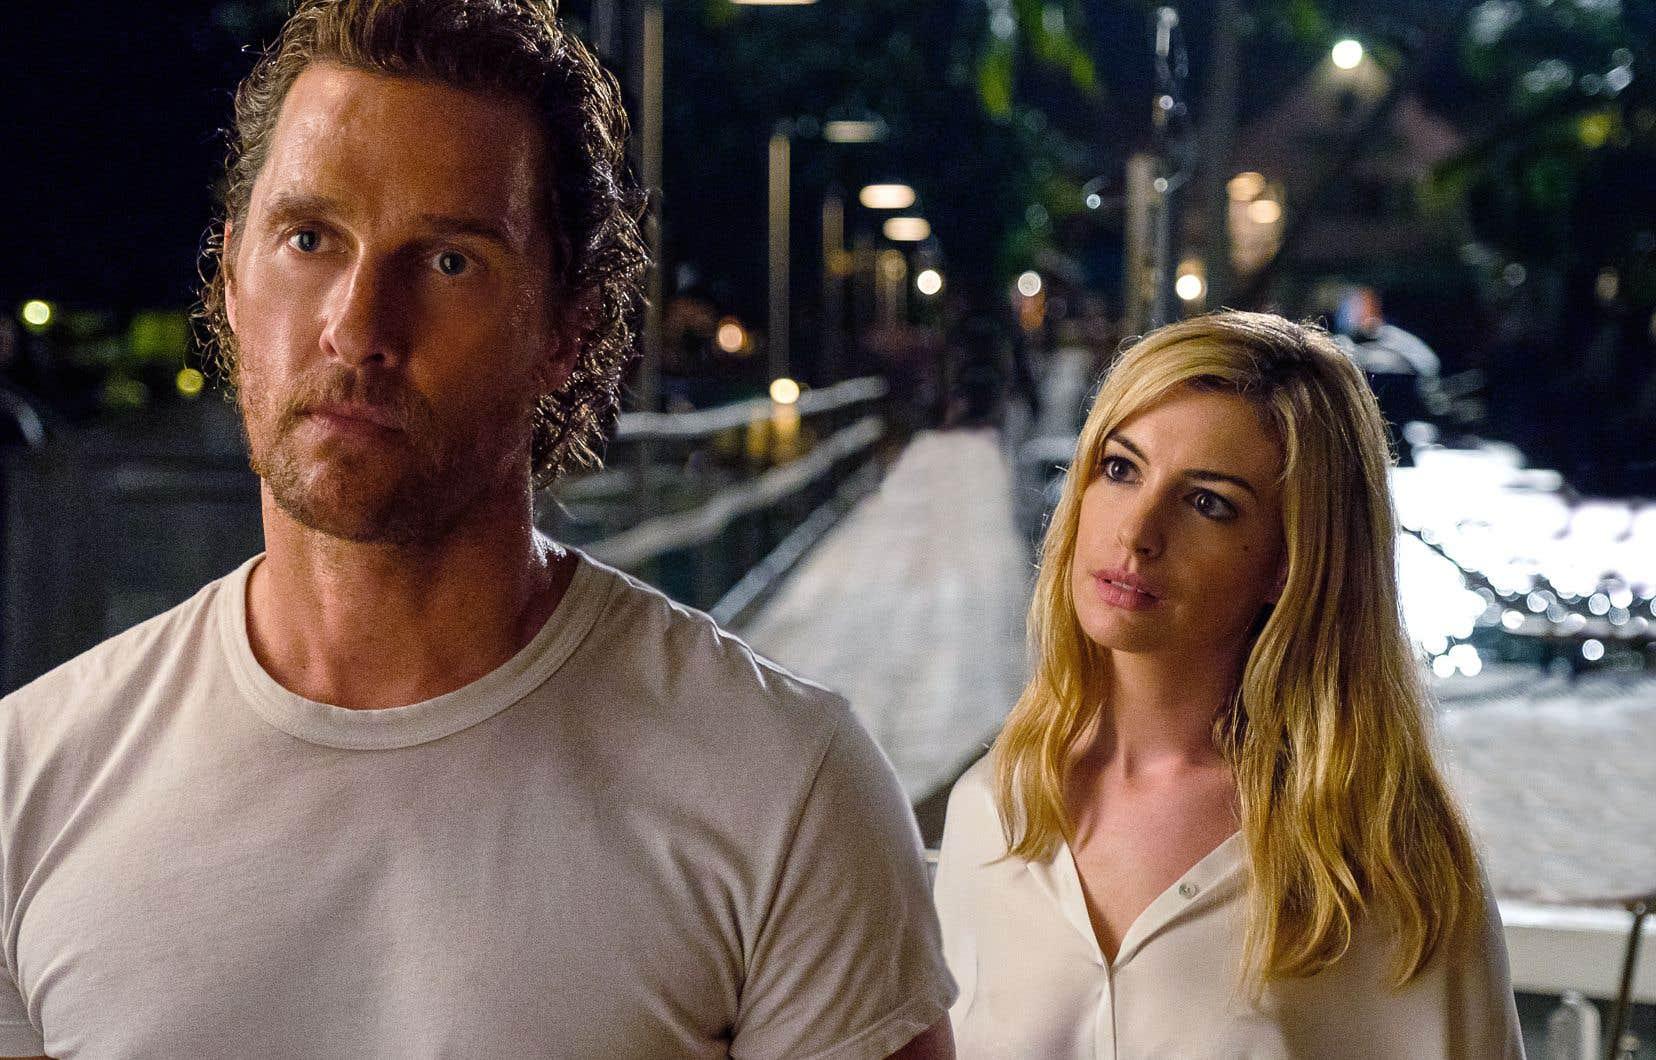 Matthew McConaughey semble condamné à tomber la chemise et le pantalon, tandis qu'Anne Hathaway, peroxydée, est pitoyable en femme fatale.